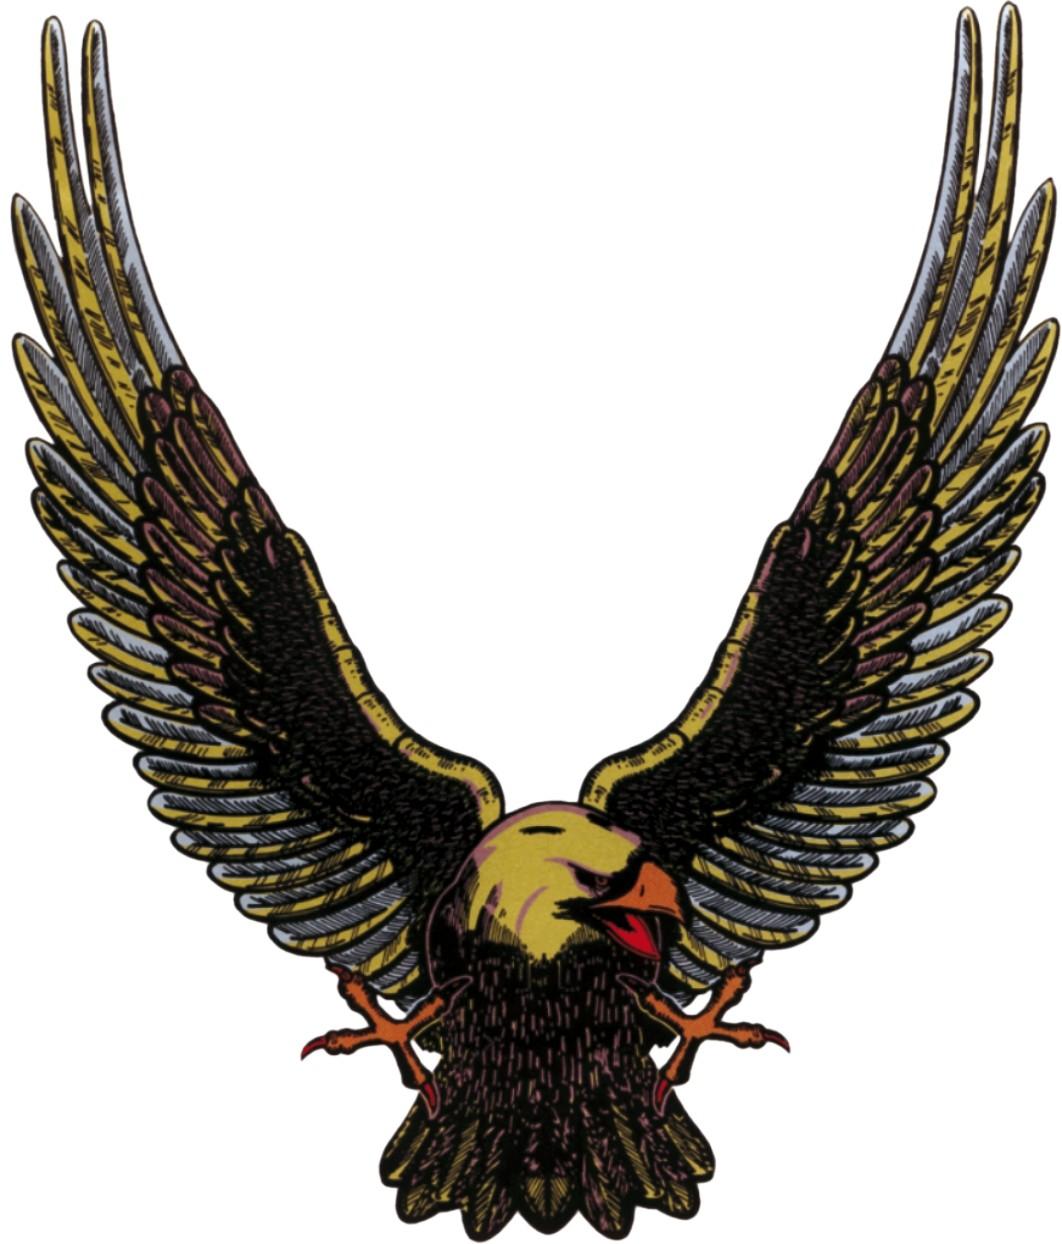 Aufkleber Adler gold 250 x 210 mm – Bild 1